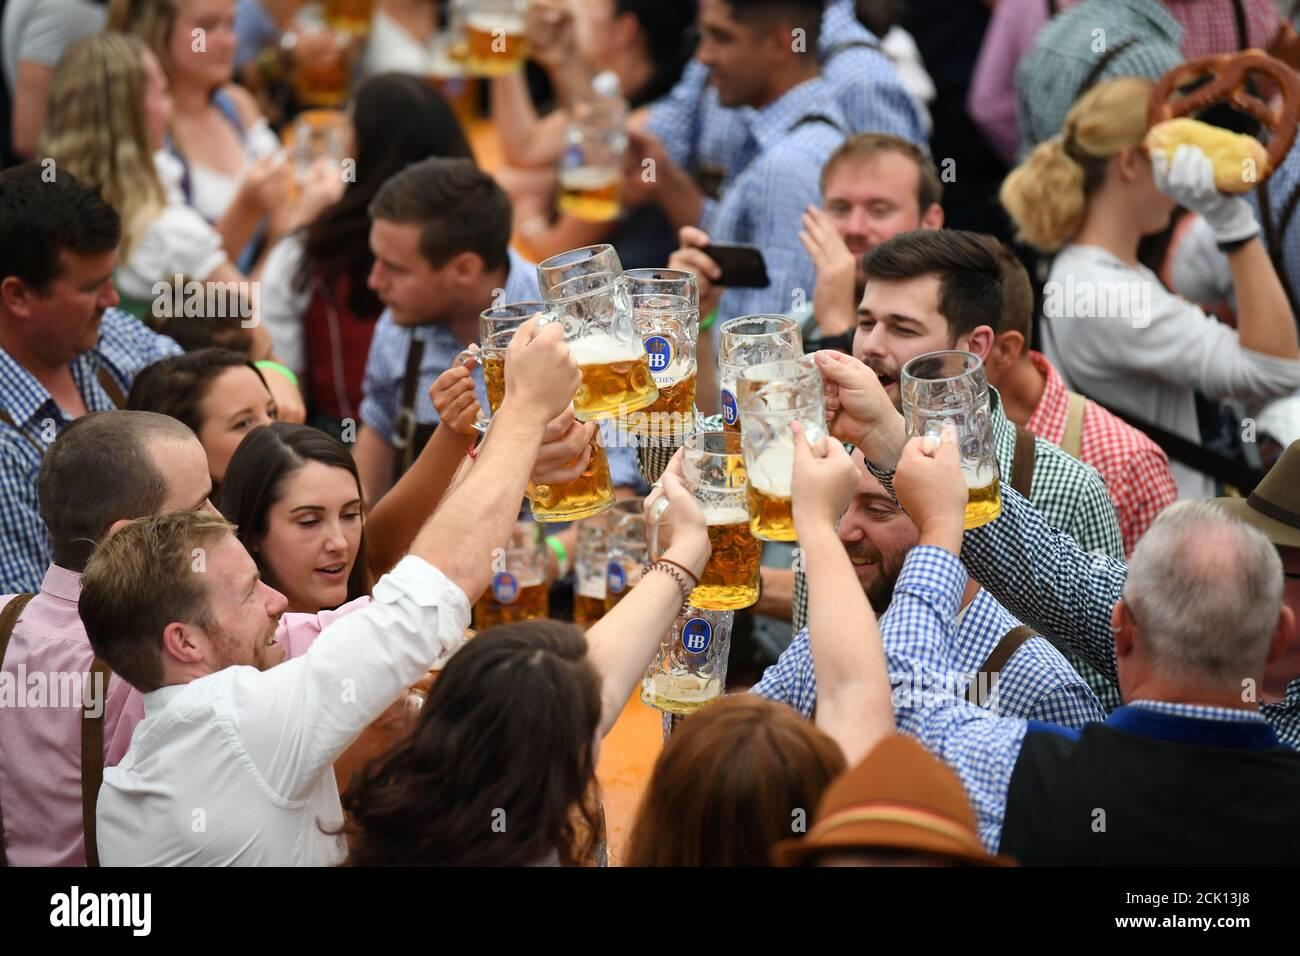 Les visiteurs applaudissent avec des bières dans une tente lors de l'Oktoberfest à Munich, Allemagne, le 22 septembre 2019. REUTERS/Andreas Gebert Banque D'Images